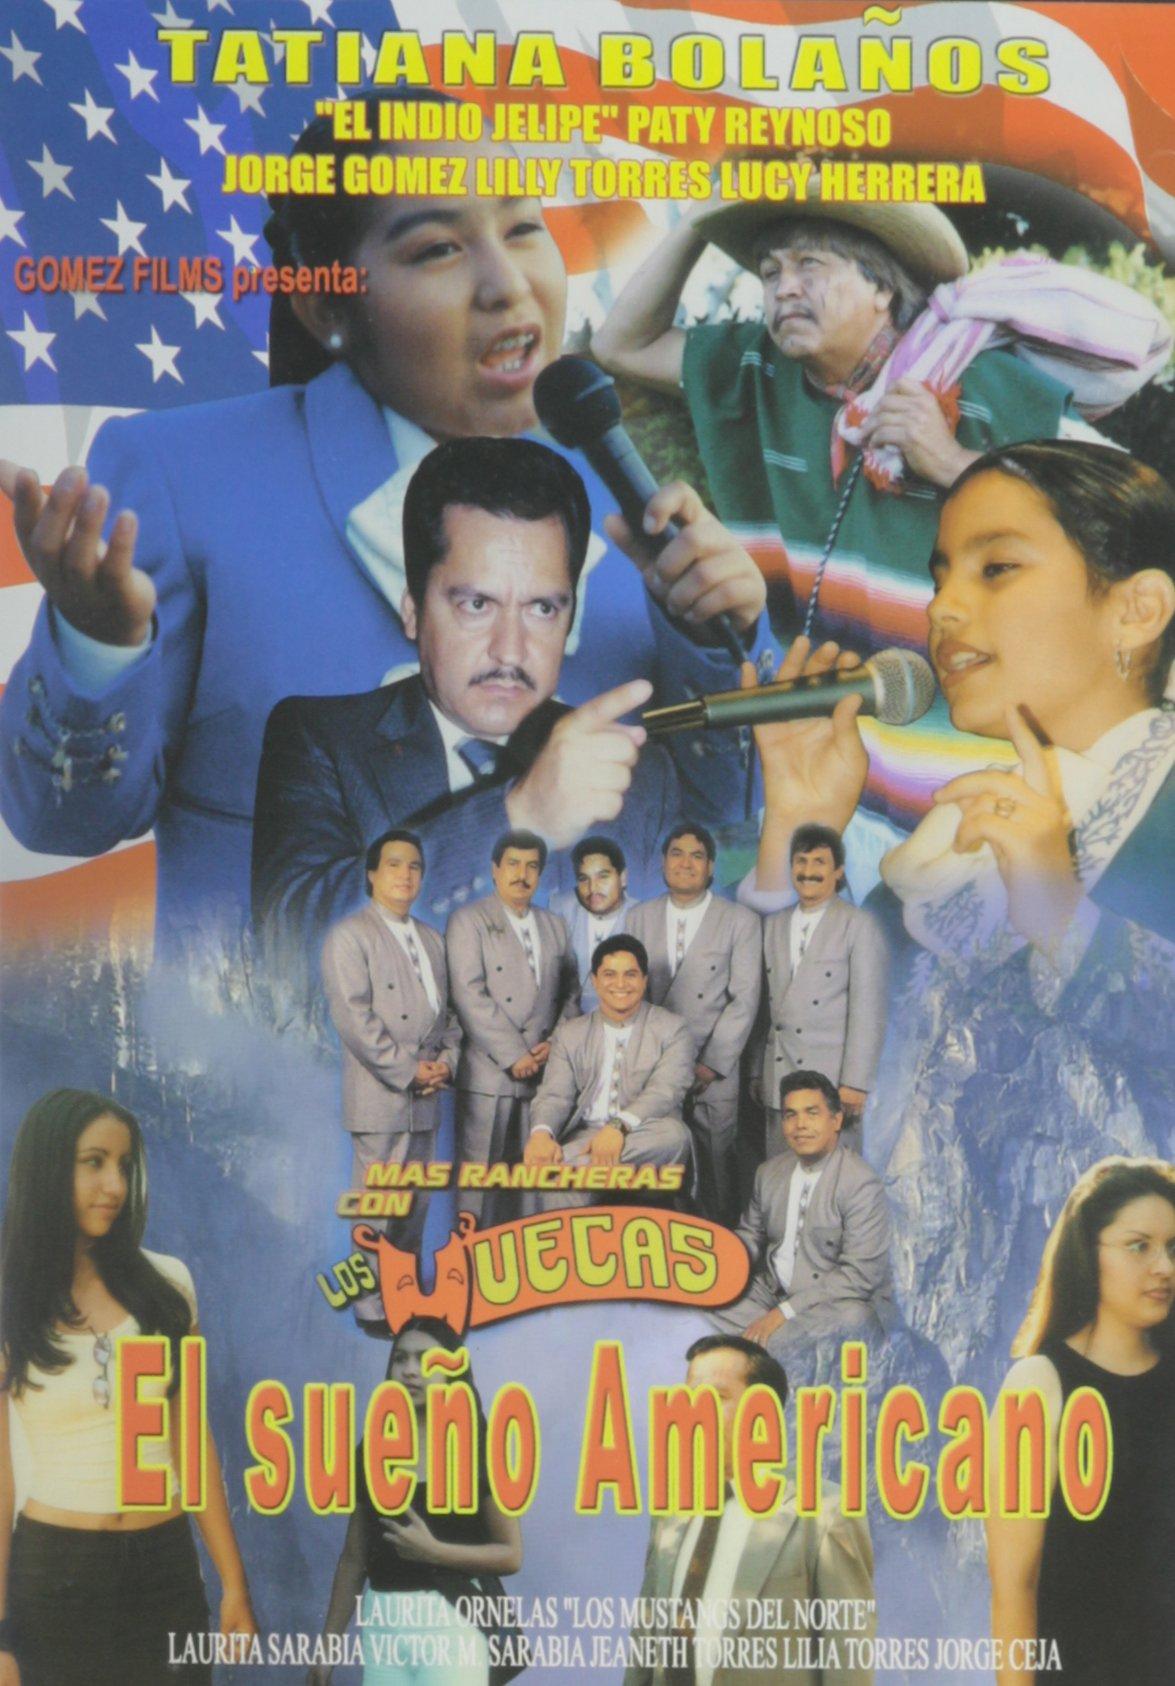 El Sueno Americano (Spanish Version)